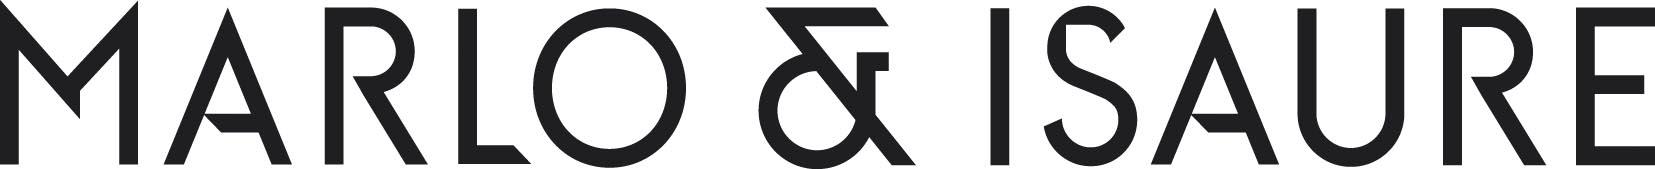 Marlo Isaure logo 1